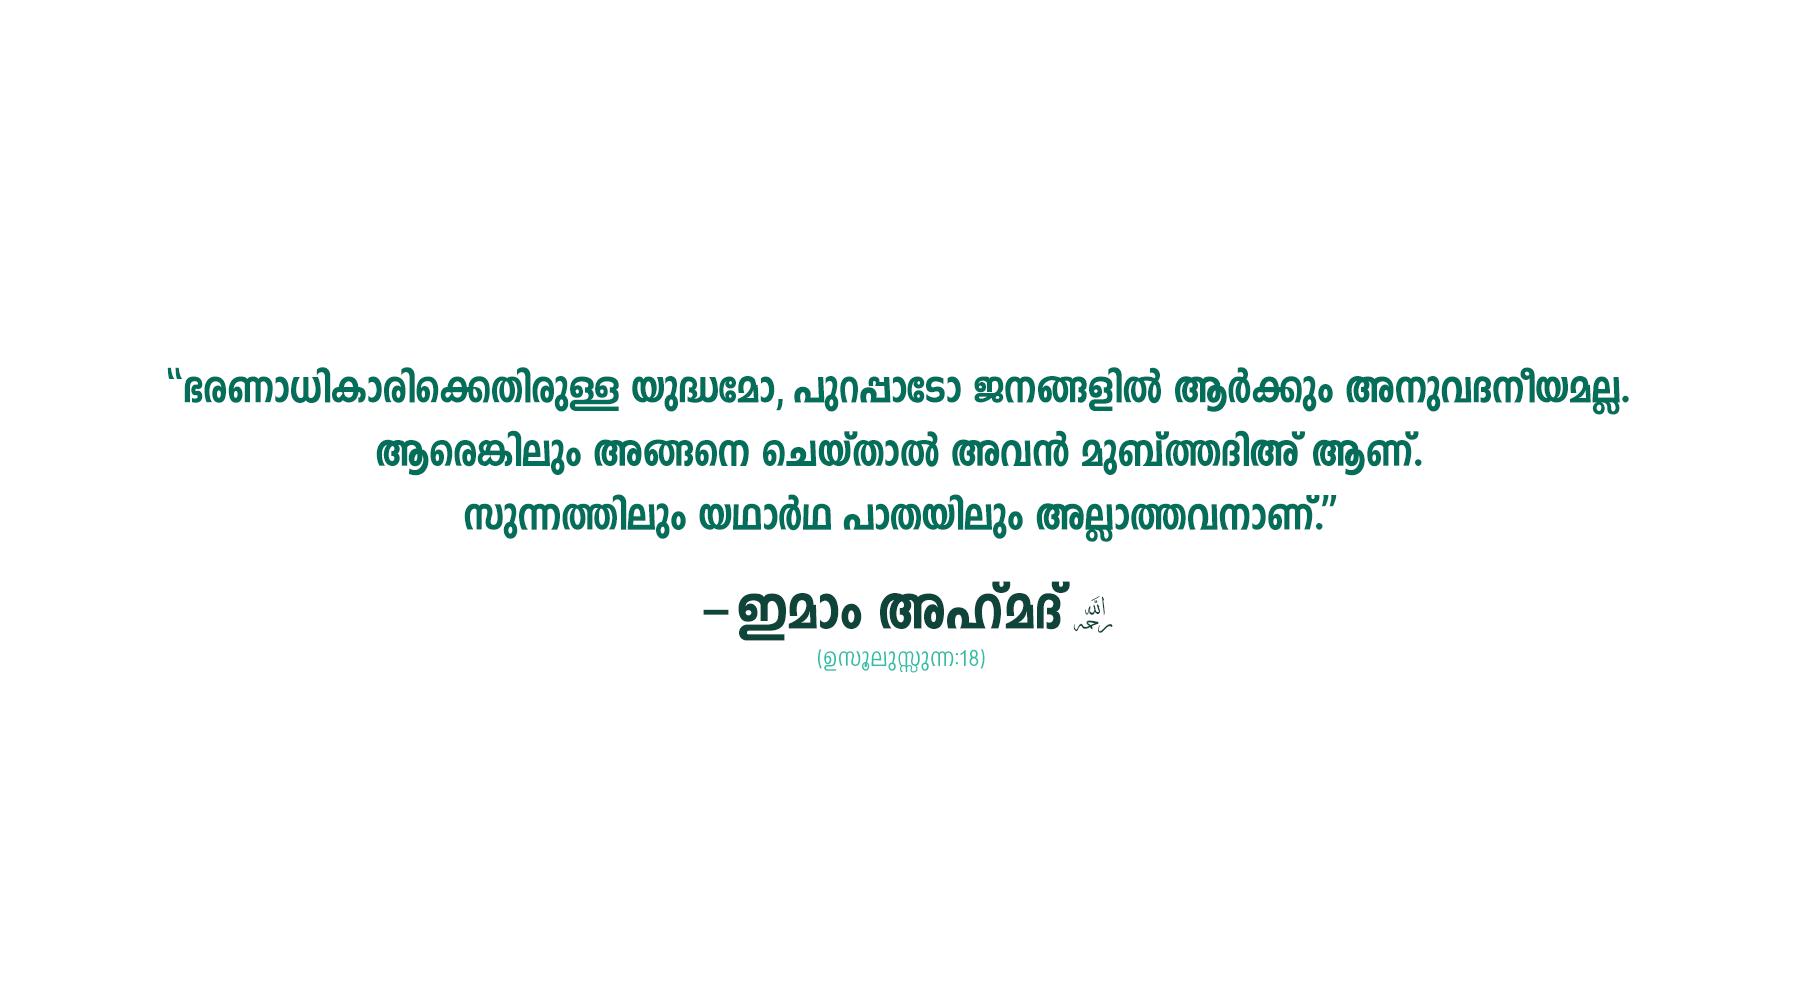 2-hadis_nishedam_malayalam_poster_kithabuthouheed